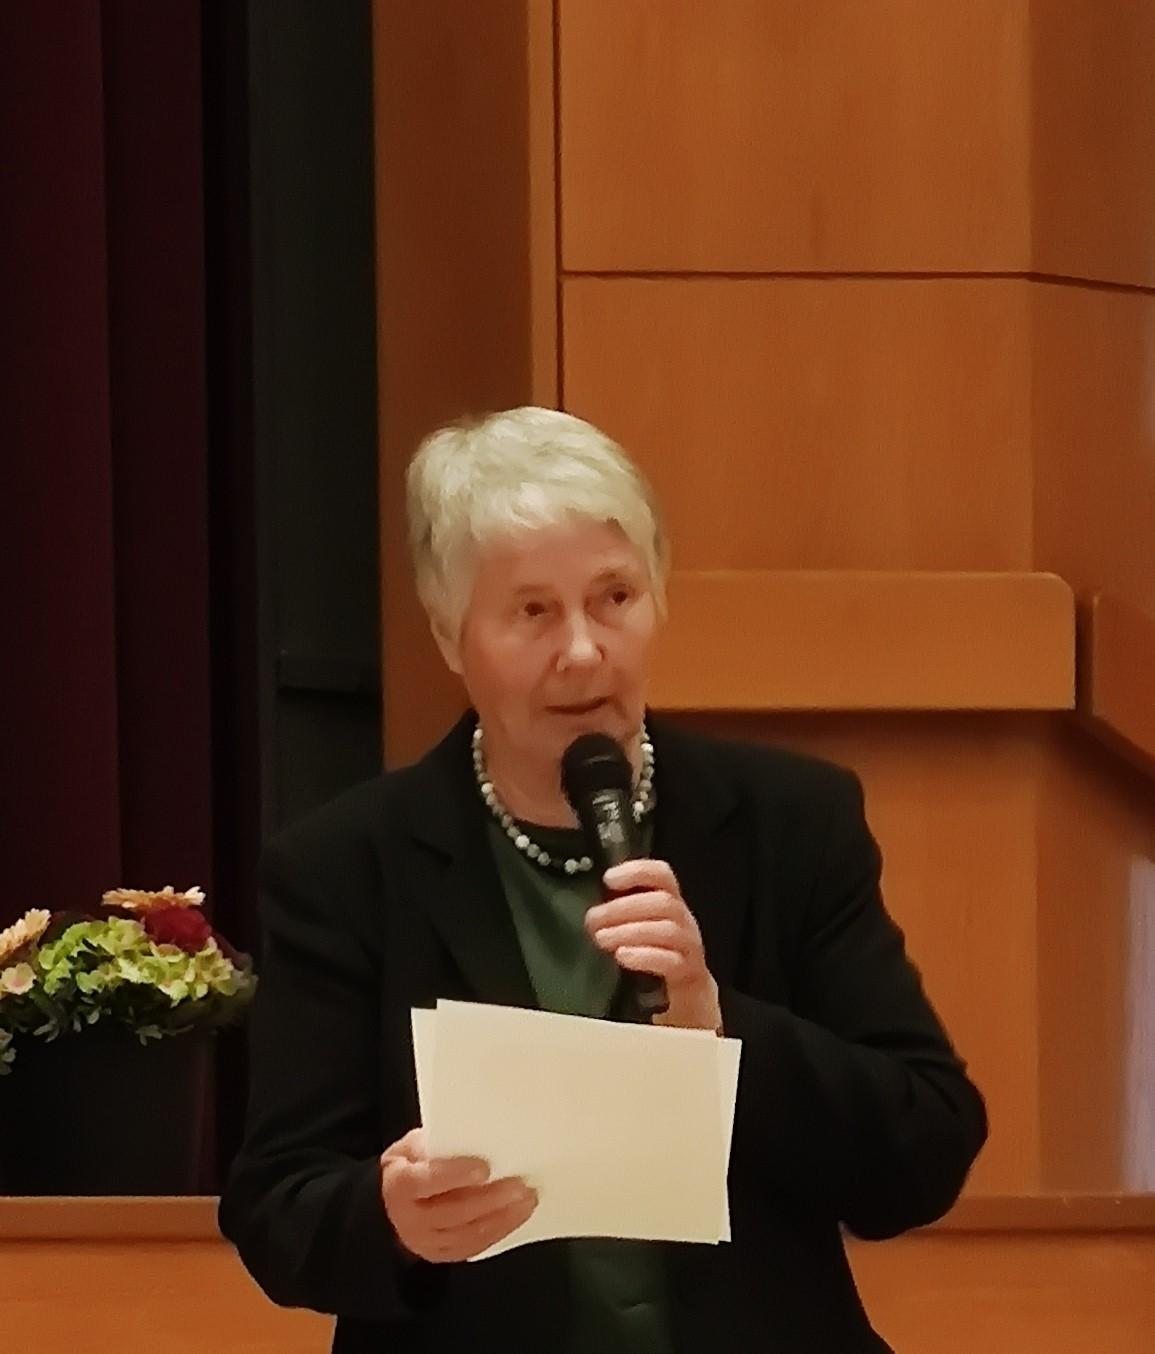 Konstituierung des neuen Kreistags: Rede der stellvertretenden Landrätin Marese Hoffmann